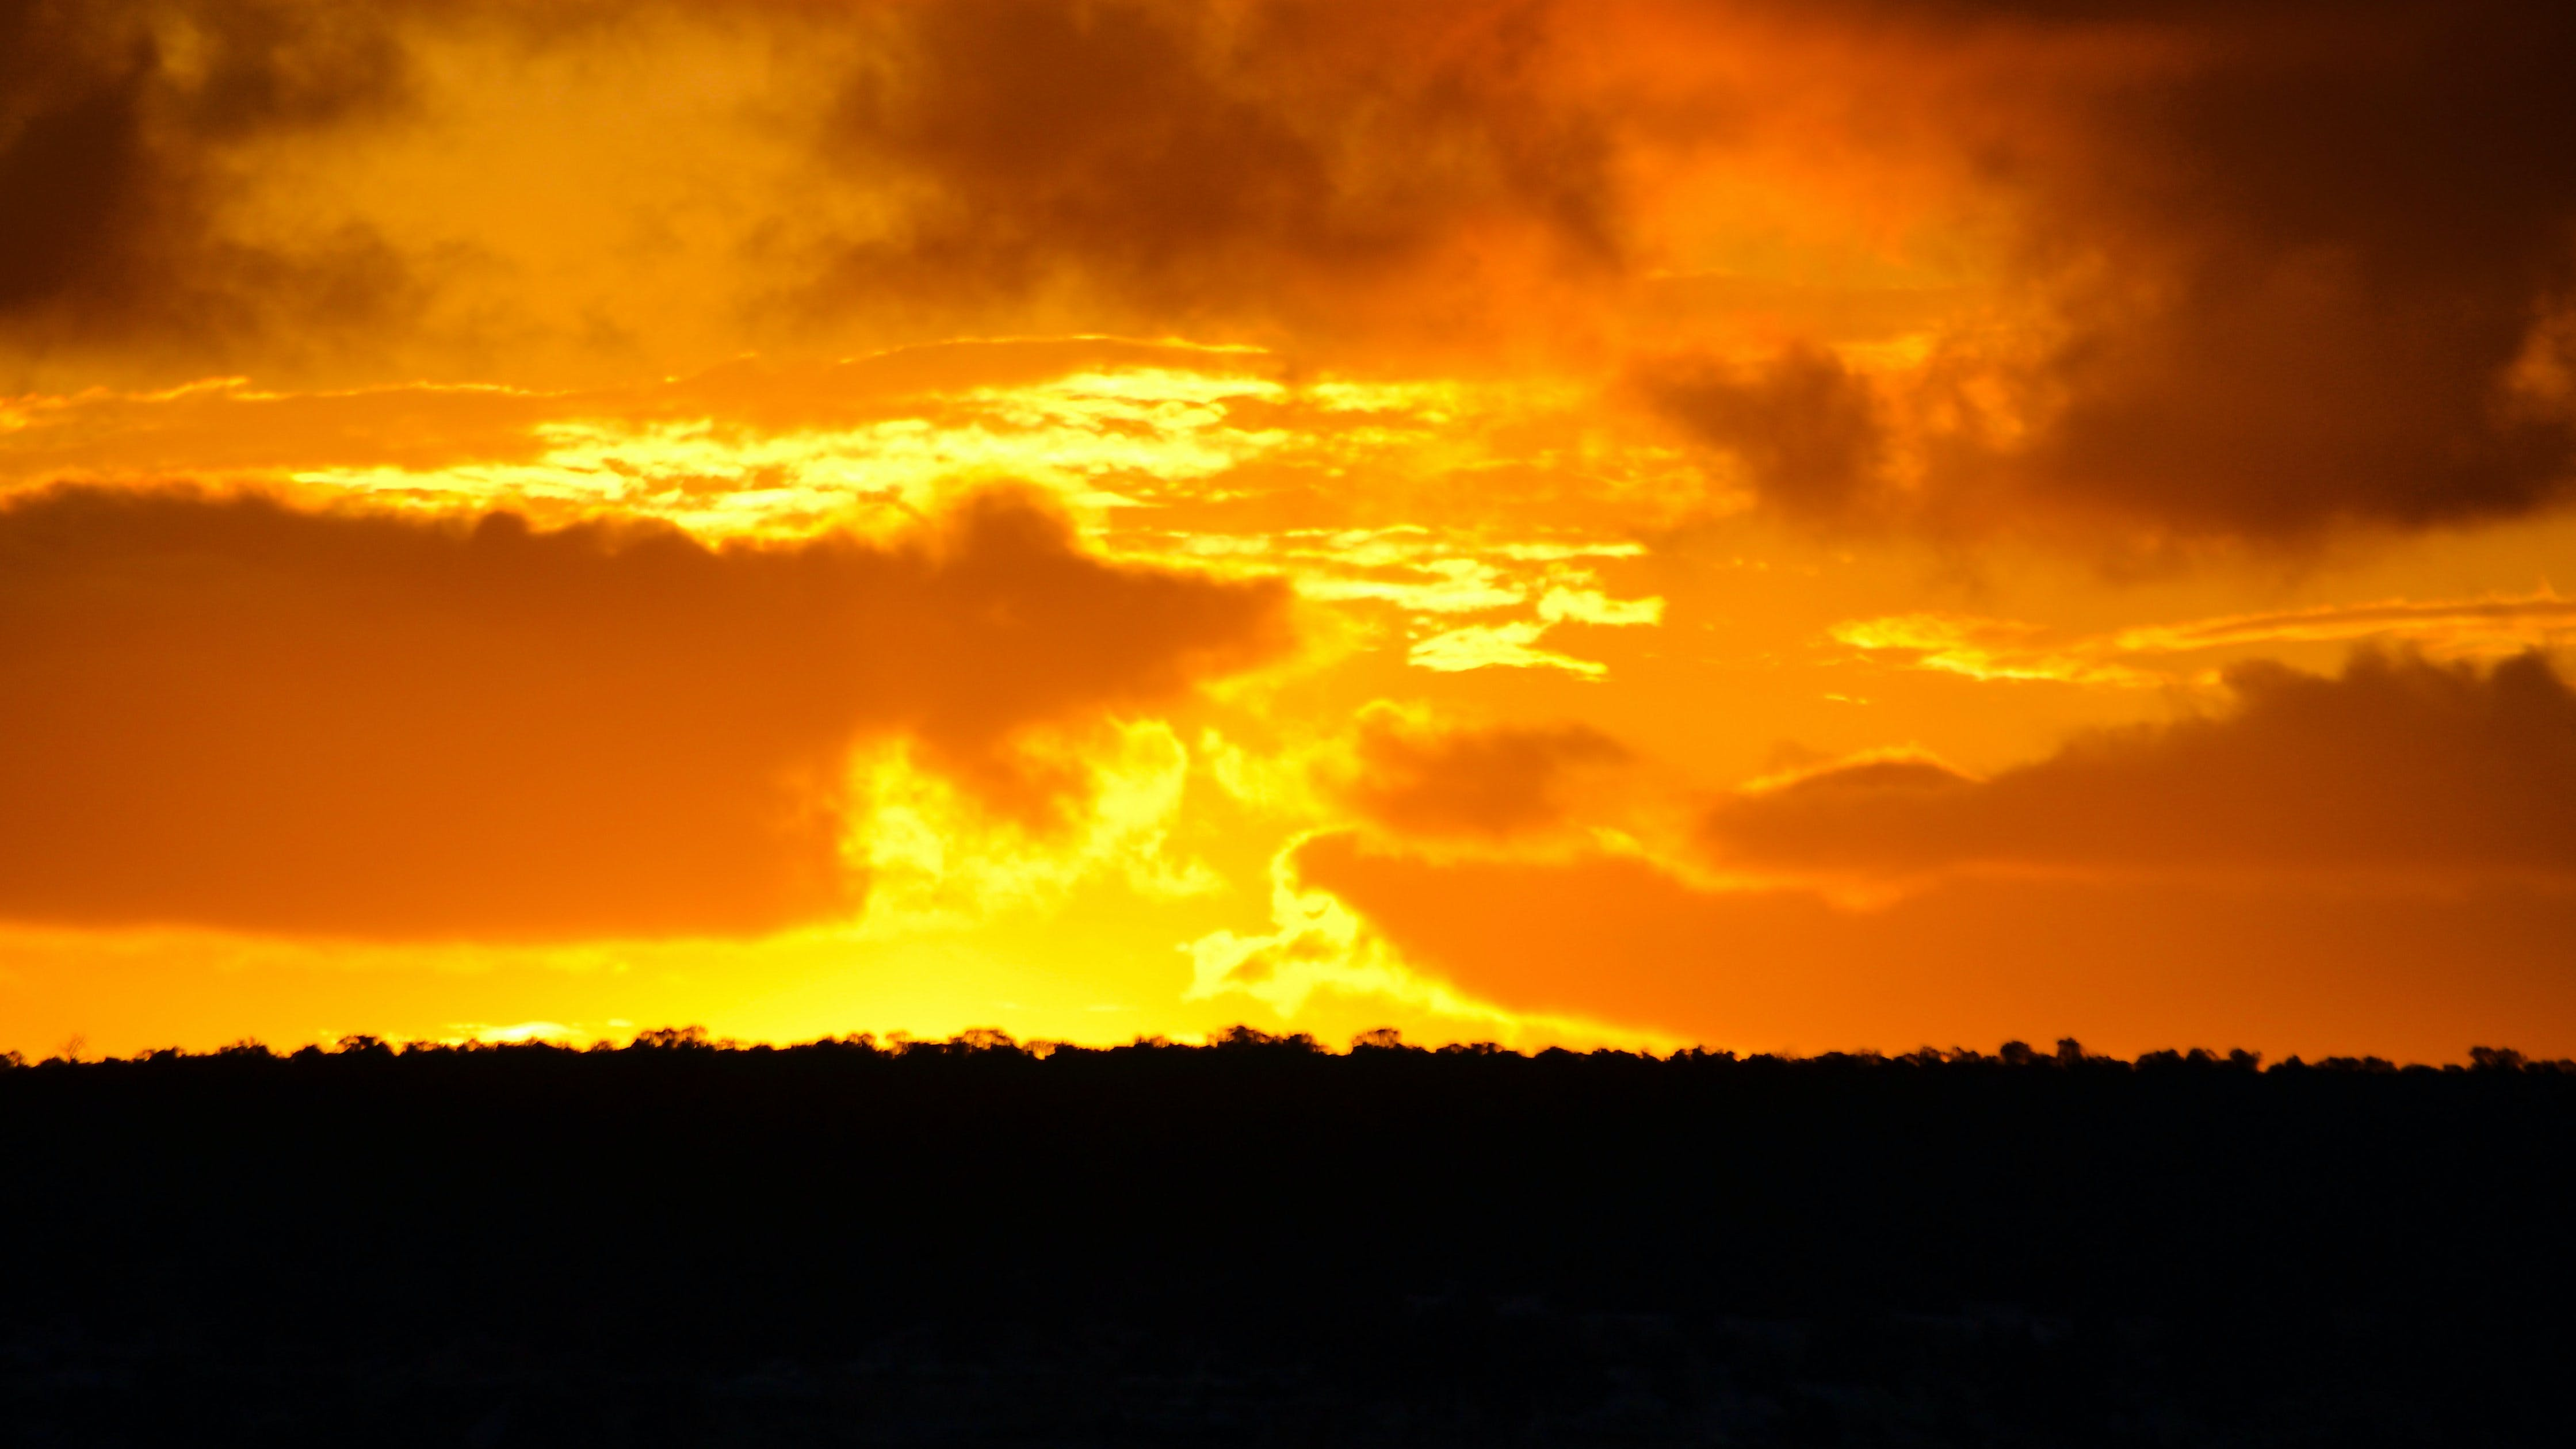 về ánh sáng, arizona, bão táp, bầu trời